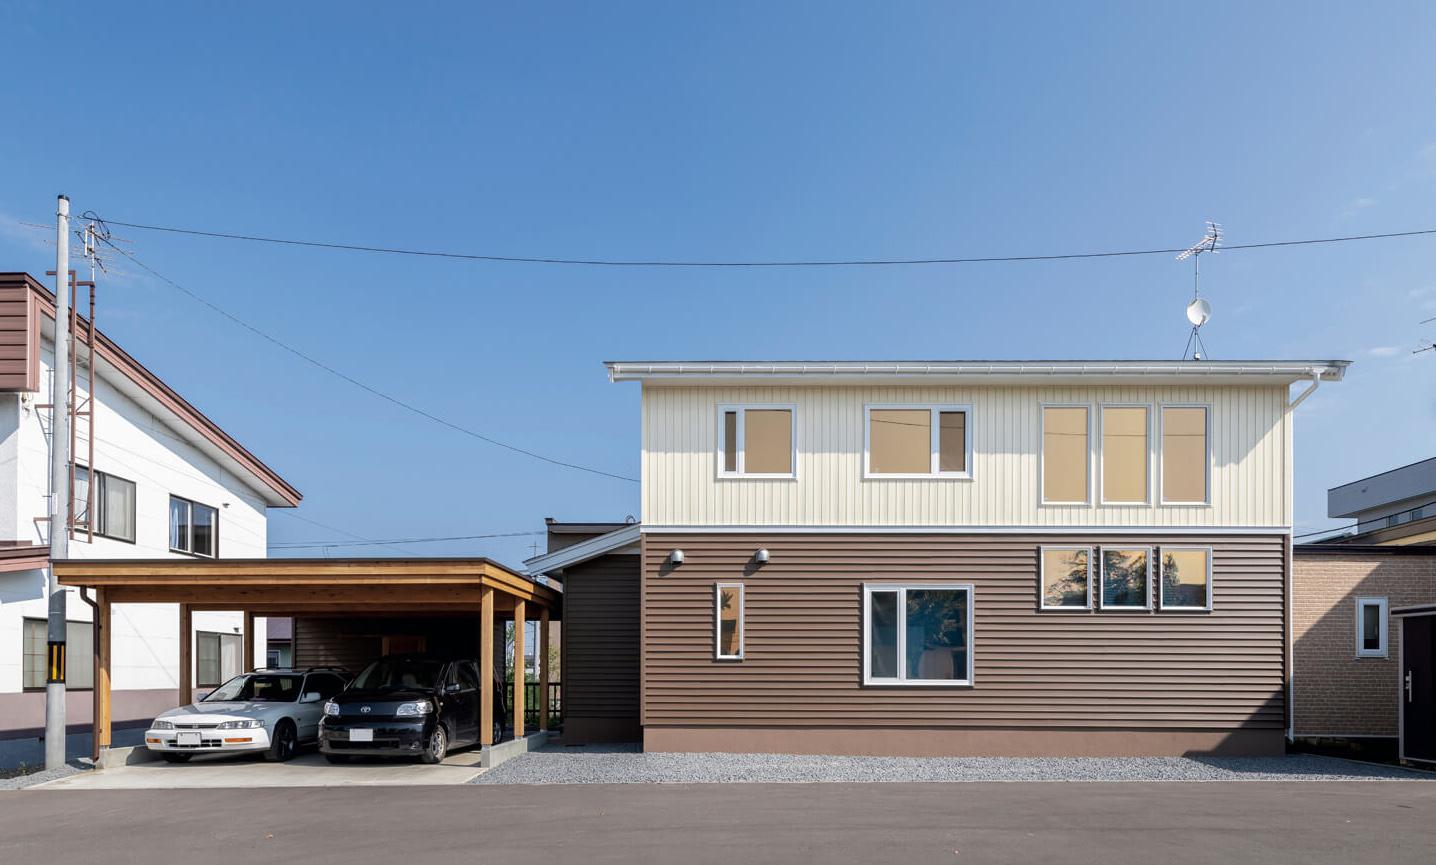 車2台収納のカーポート。外壁はアイスカフェラテ色のツートンカラー。素材は塩ビの樹脂サイディングで、耐久年数が長く、アメリカやカナダでは普及している建材